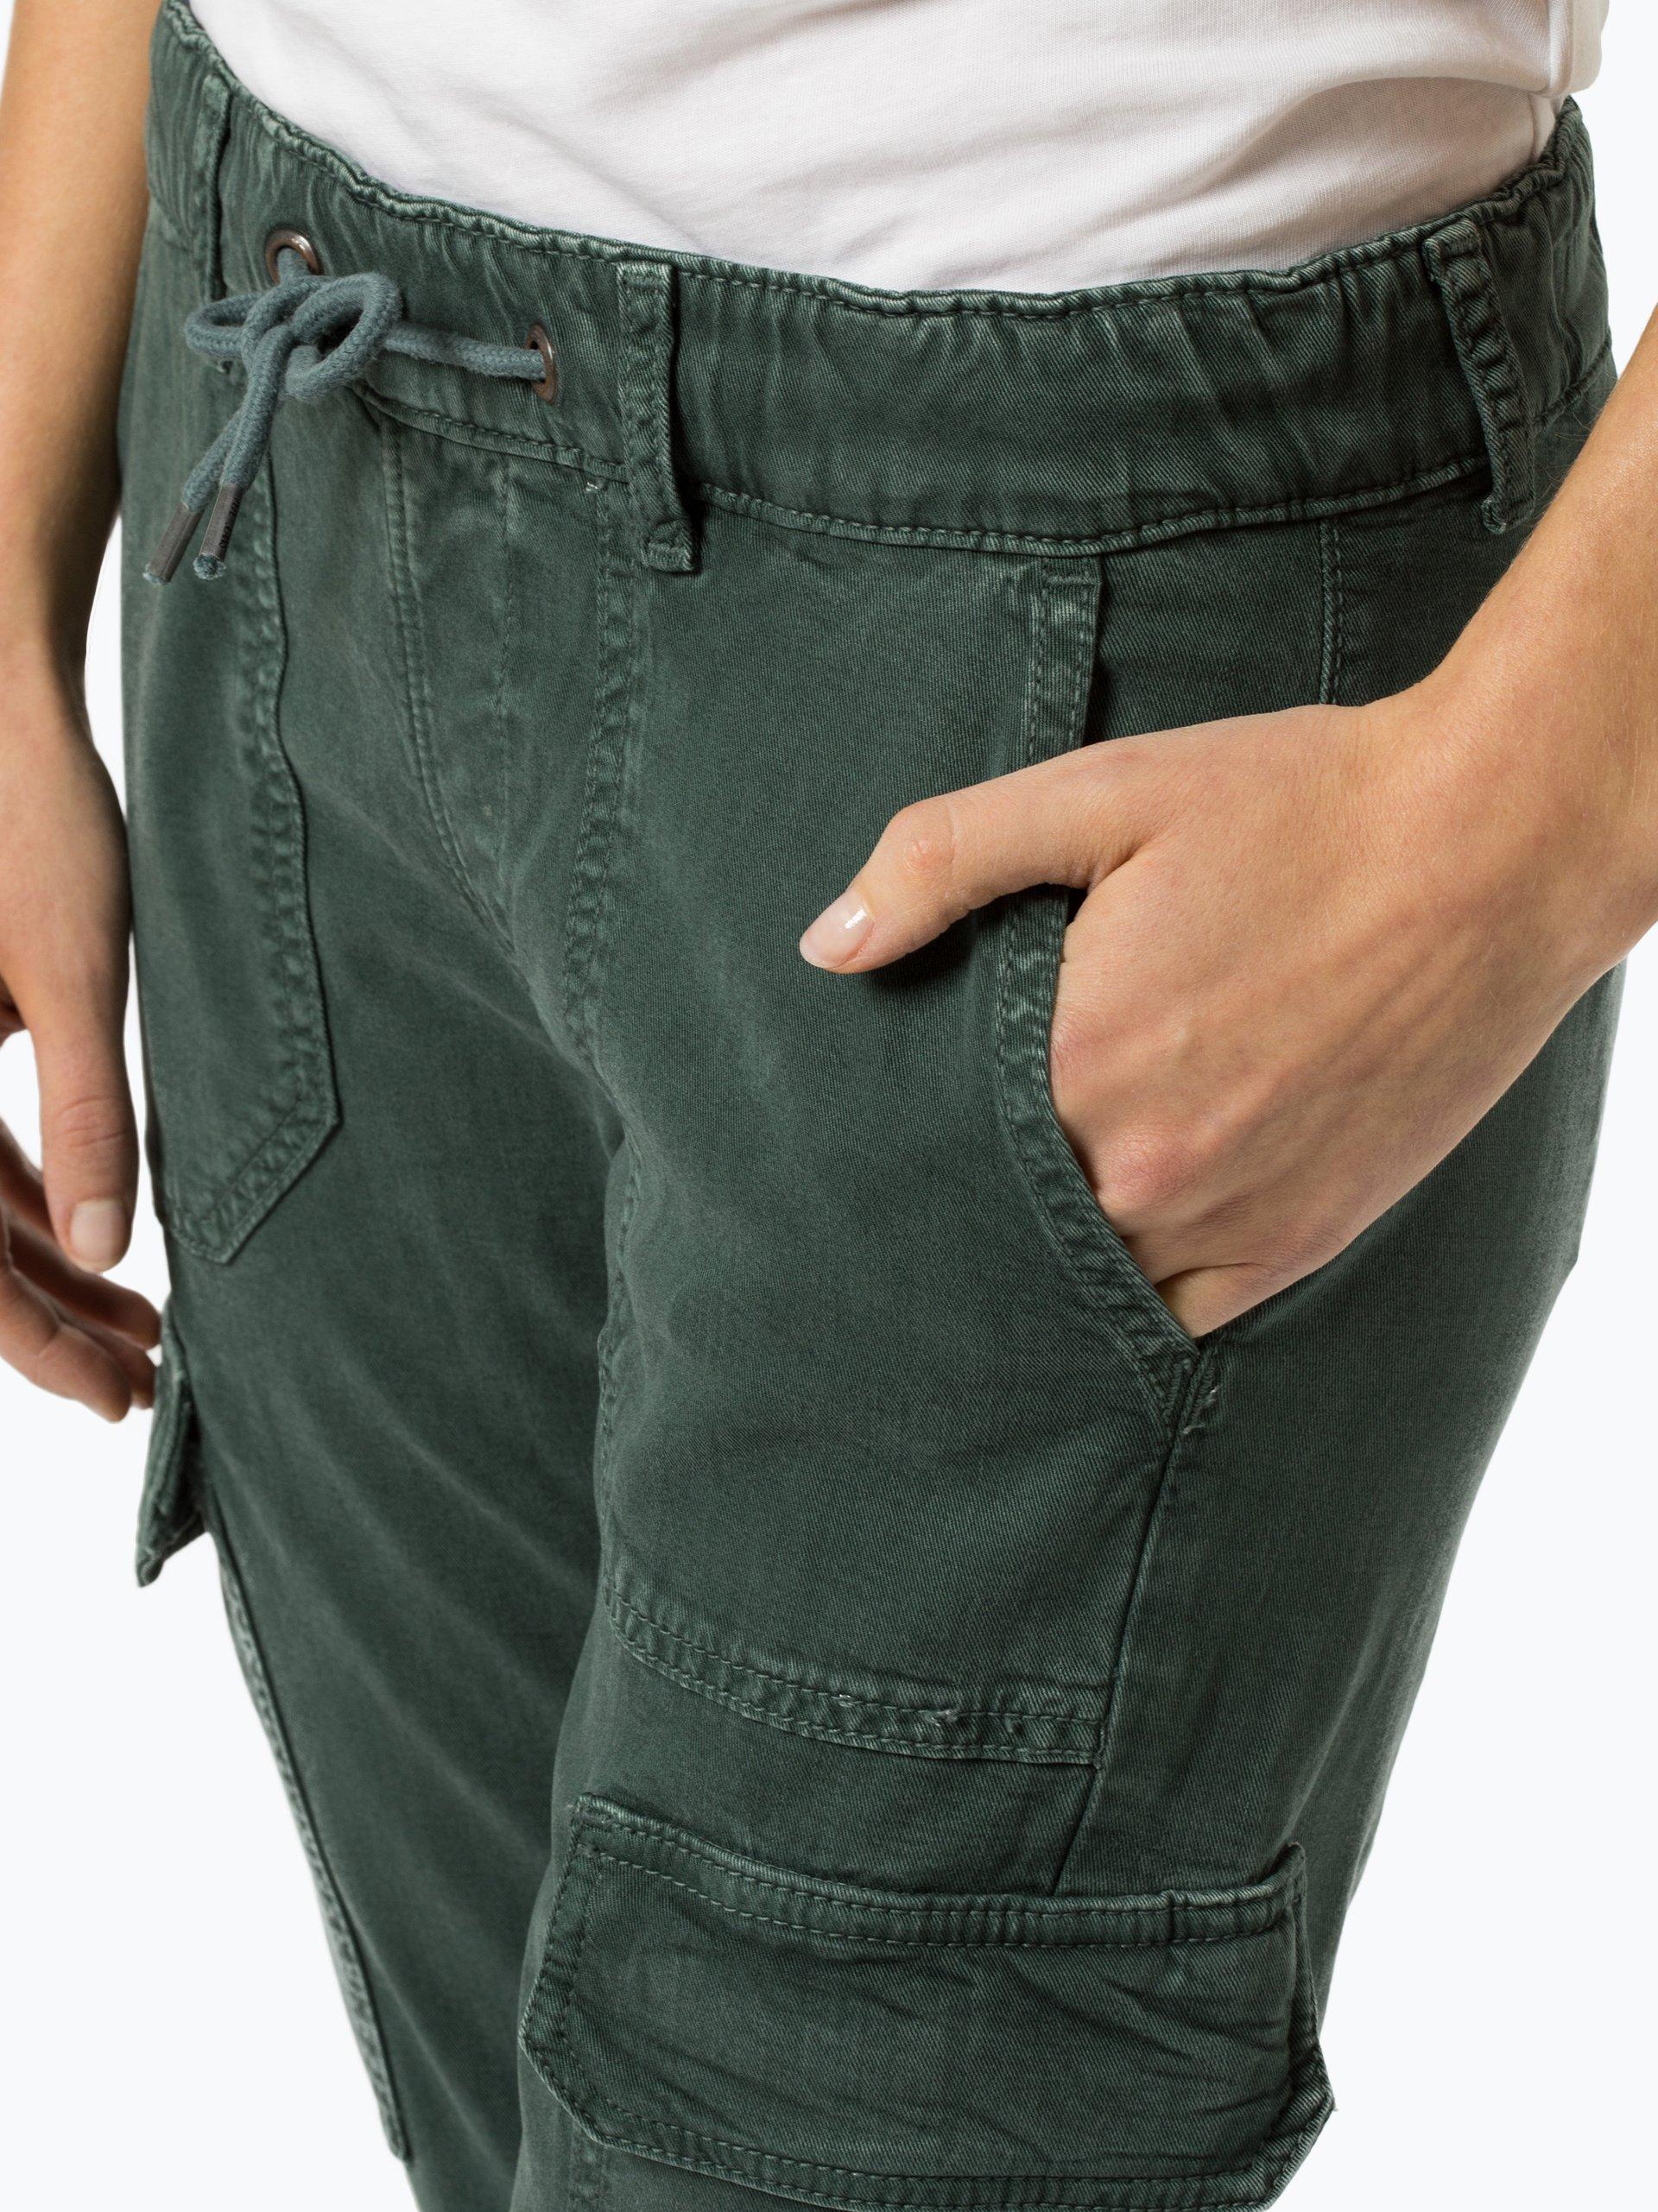 Pepe Jeans Damen Hose - Crusade